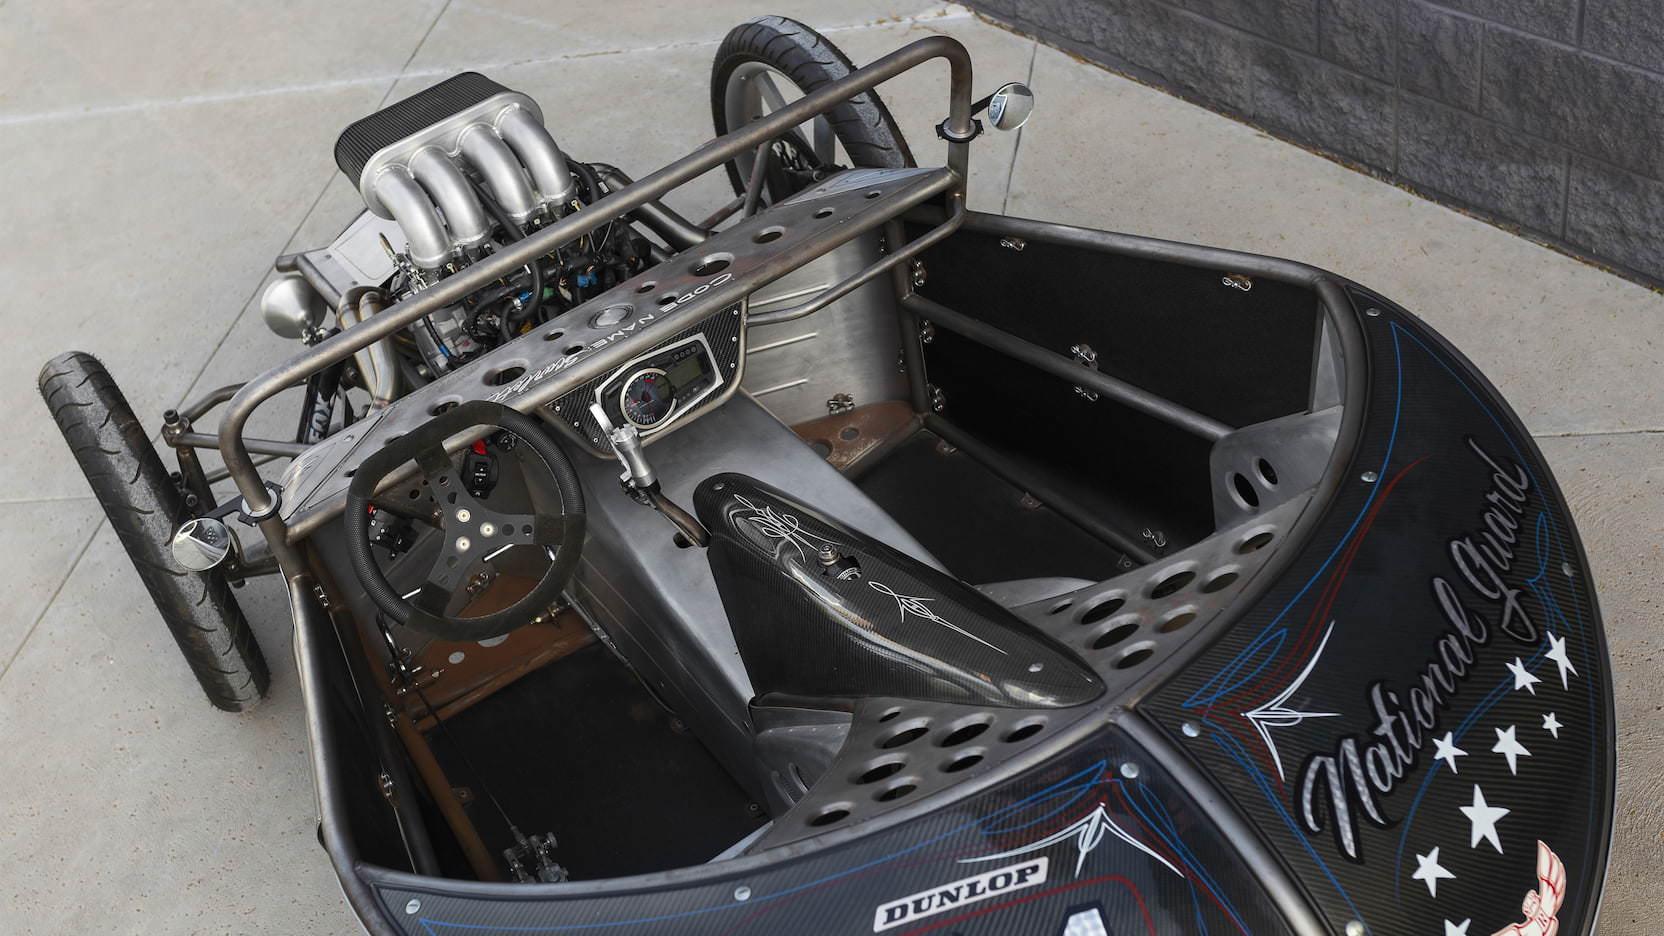 Suzuki GSX-R 1000R Powered 3-Wheeler Built By Jesse Rooke Interior